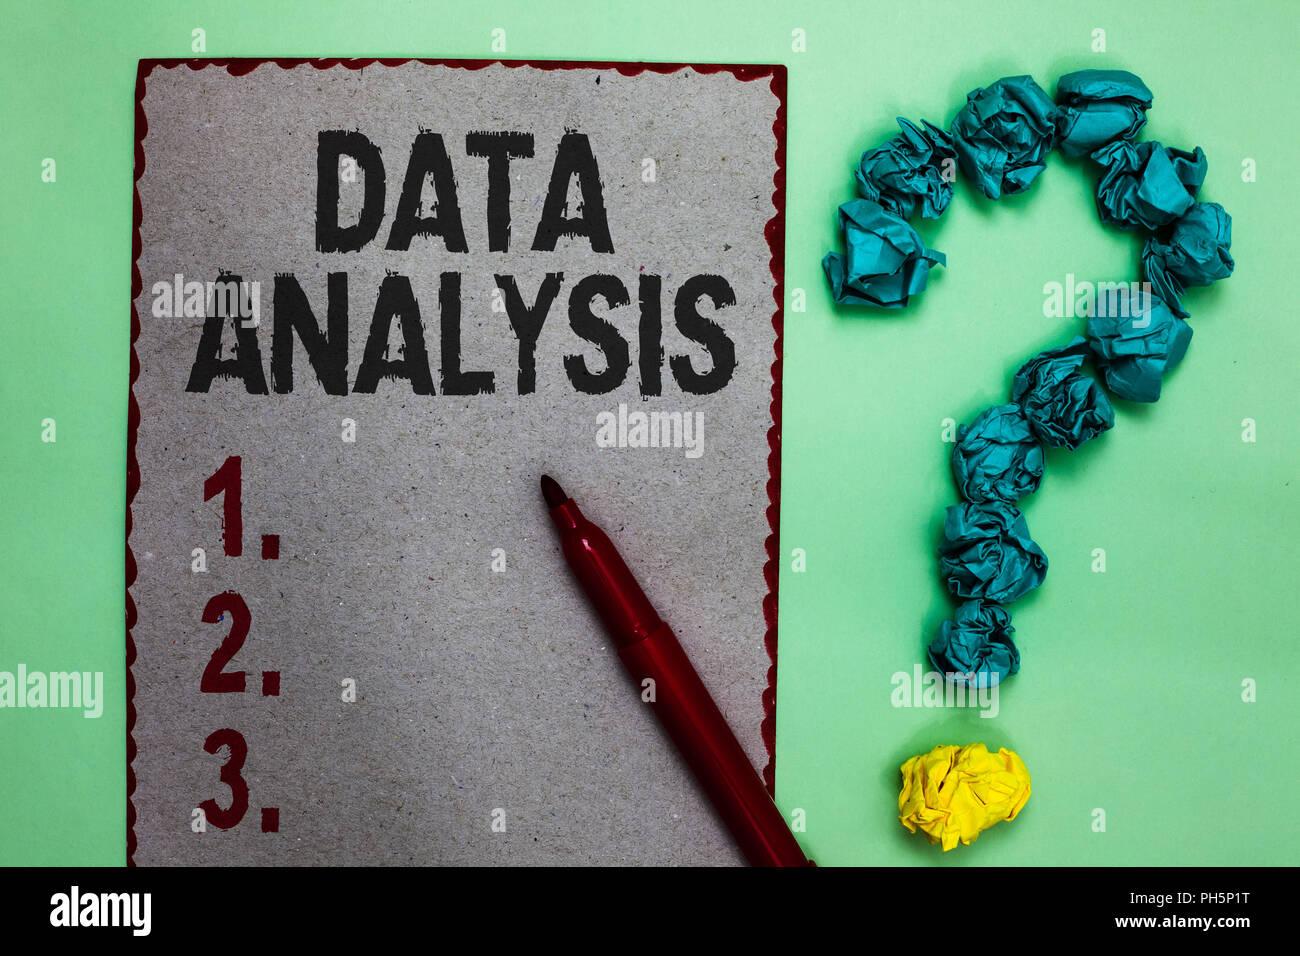 Handschrift Text schreiben Analyse der Daten. Konzept Bedeutung Übersetzen zahlen Analytische Schlussfolgerung Prognose grauem Papier Marker zerknittertes Papier formi Stockbild